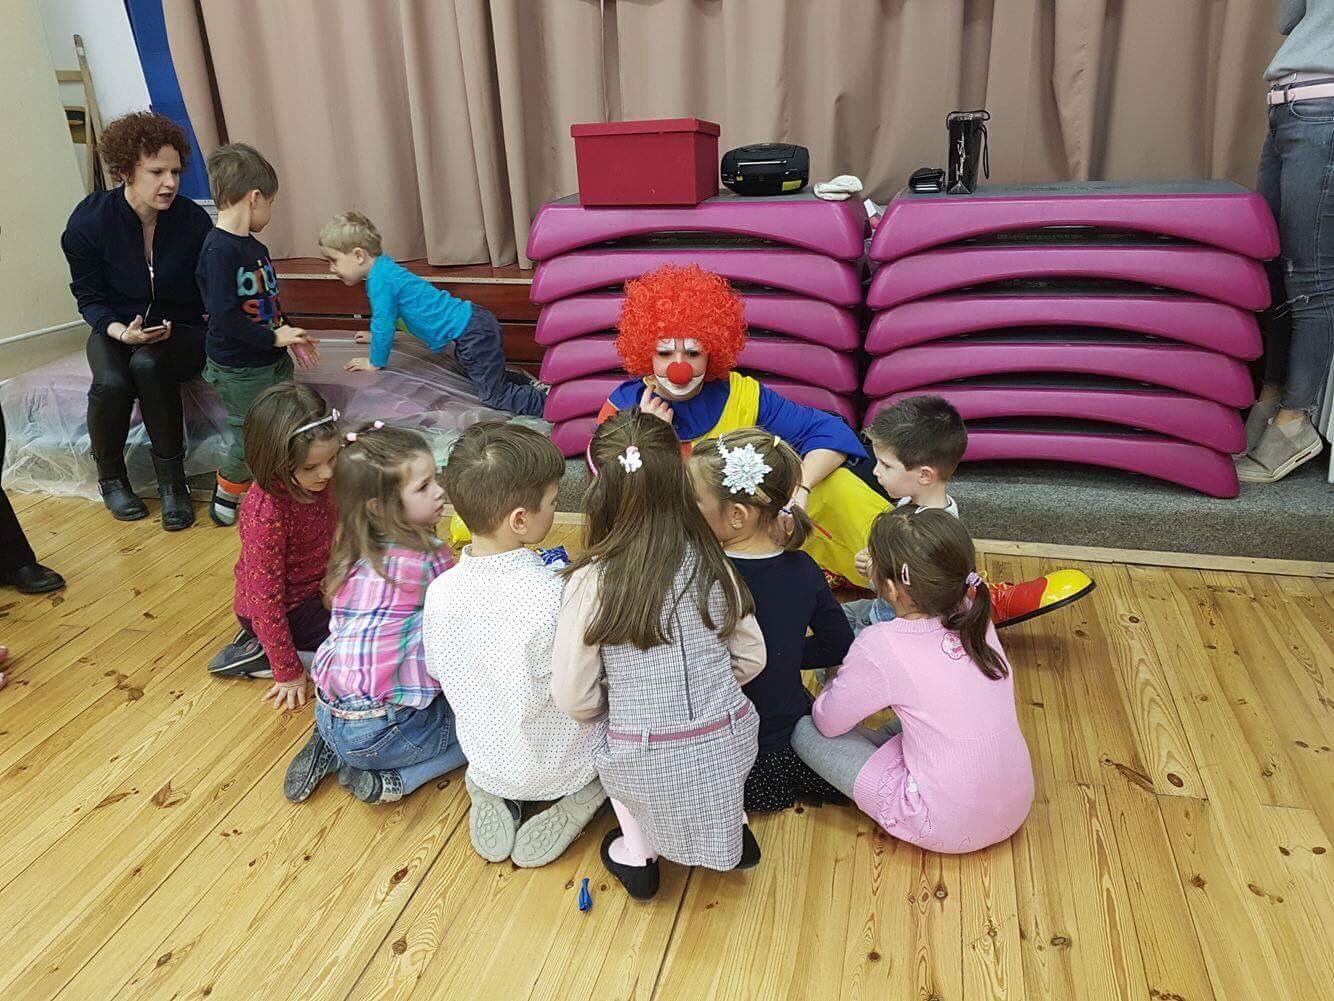 Lufizás fortélyait tanulmányozzák a gyerekek :)